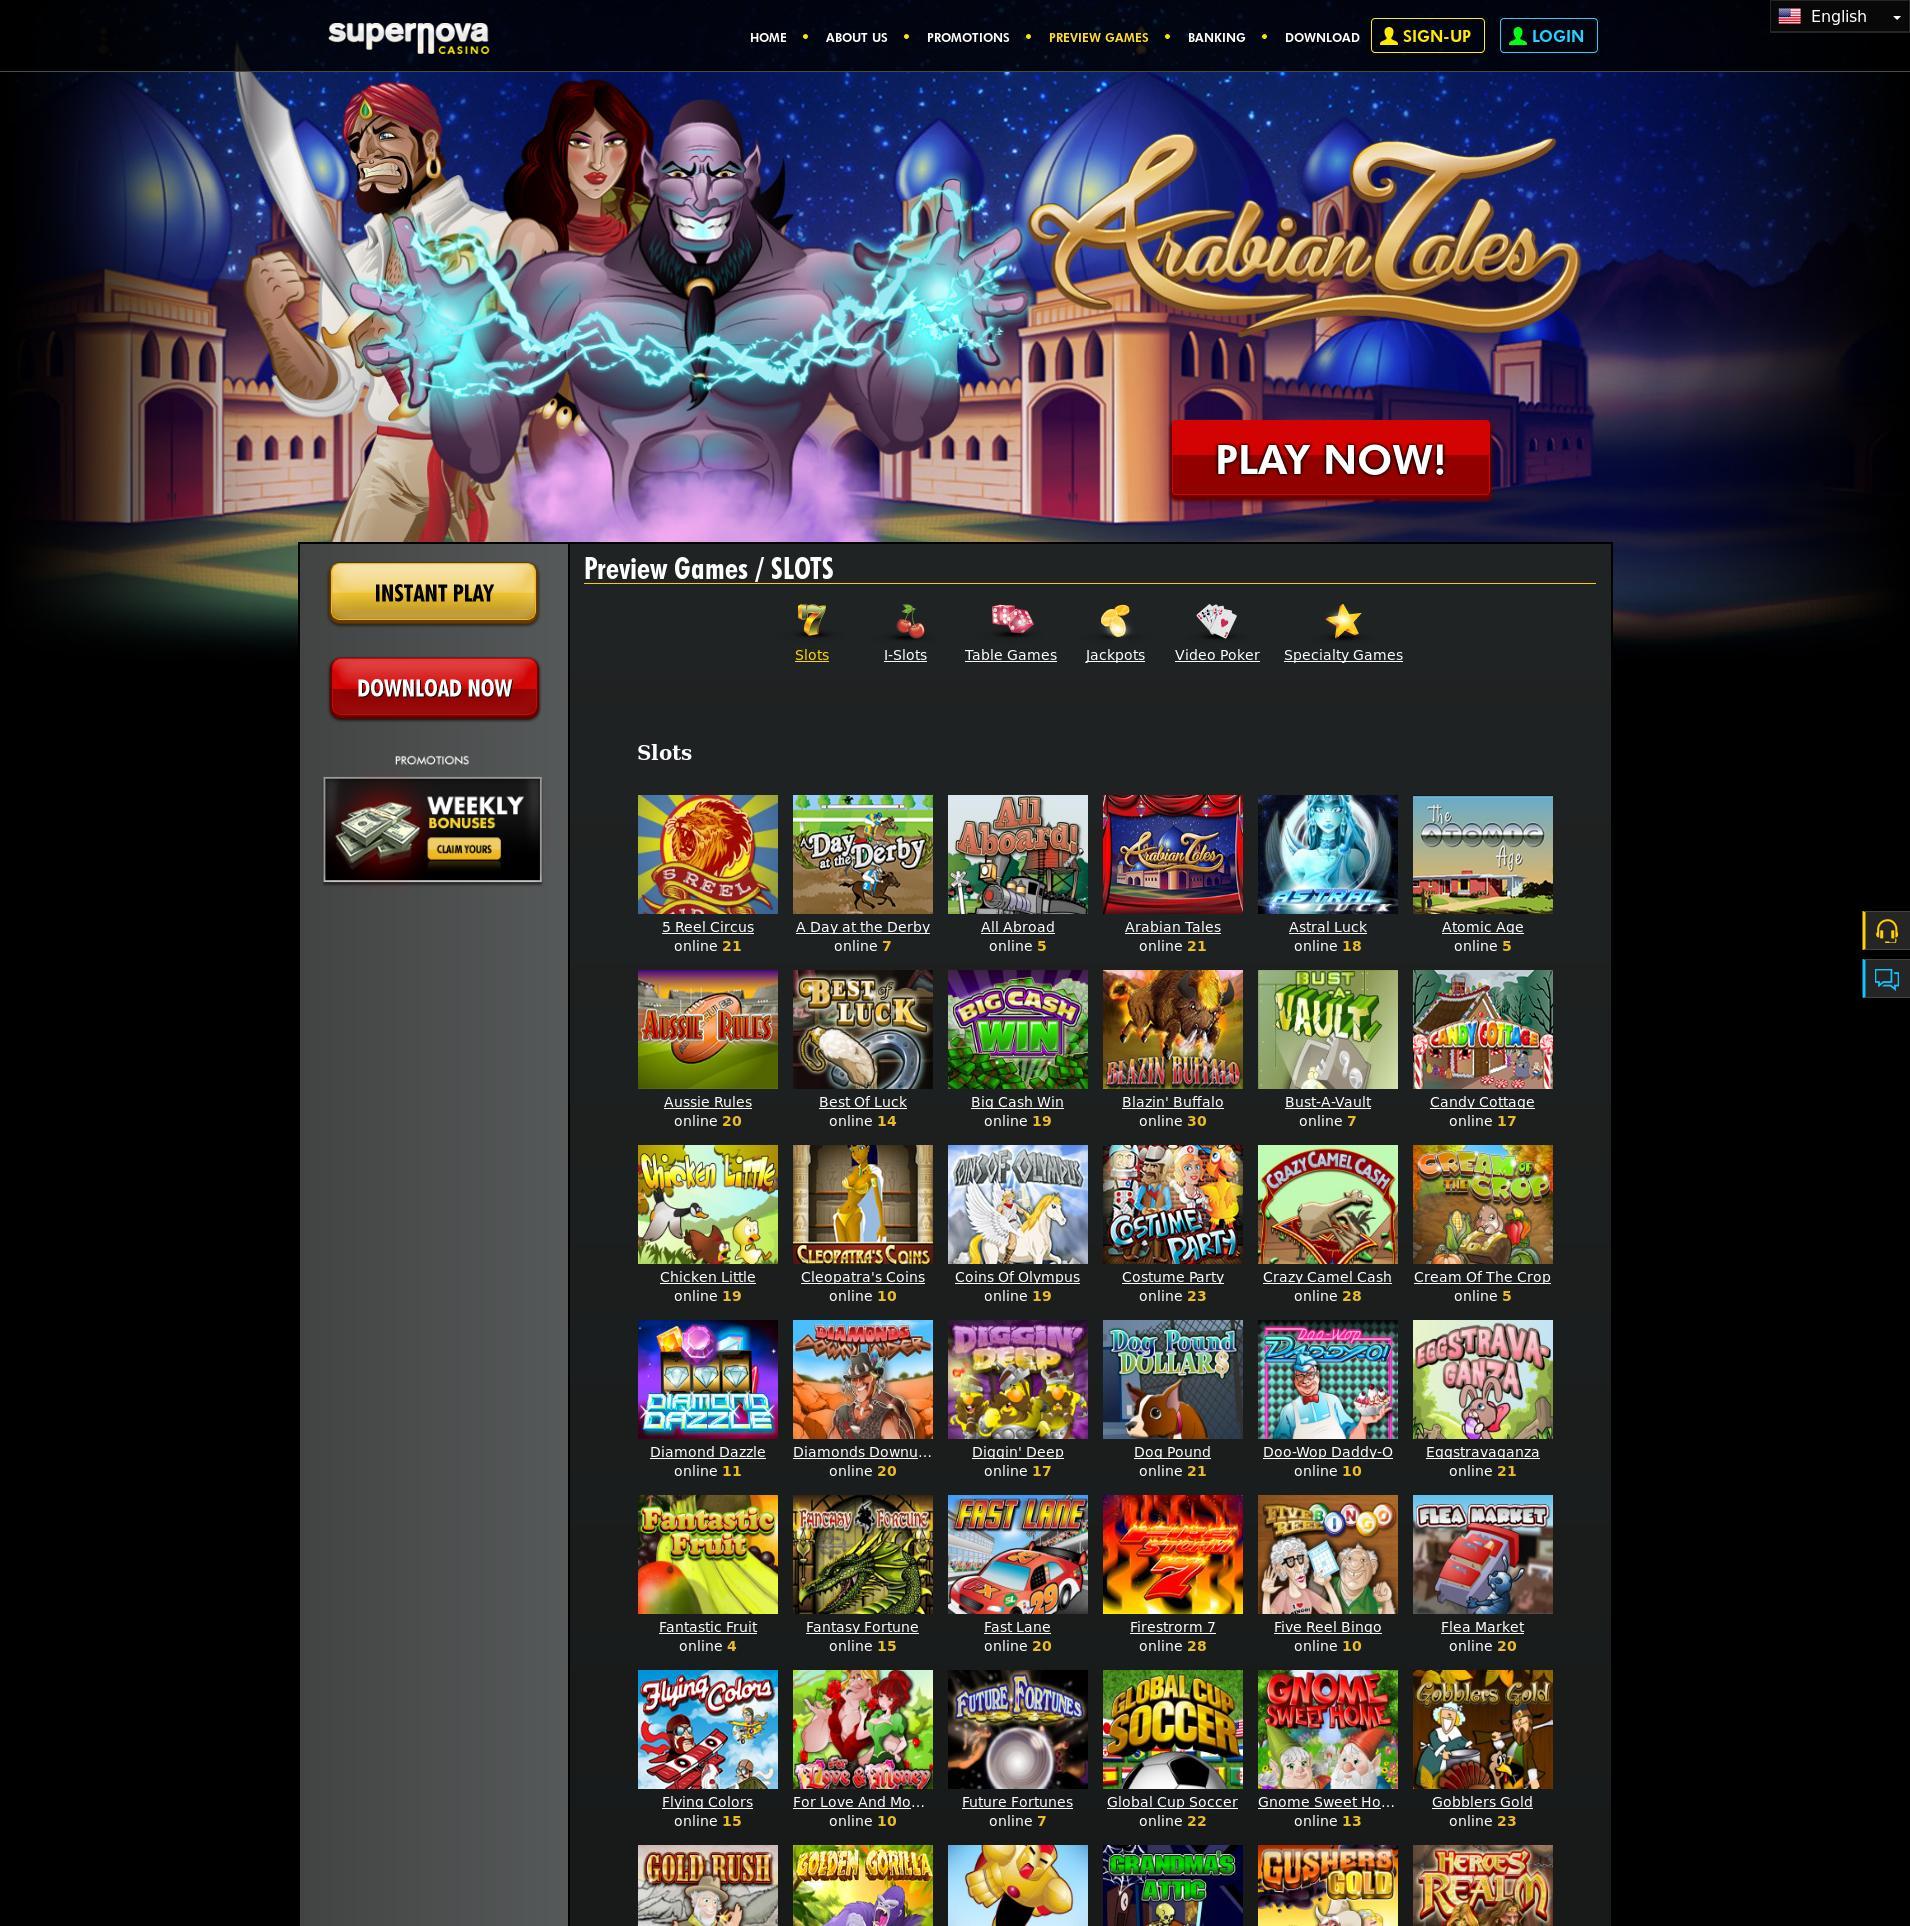 カジノのスクリーン Lobby 2019-09-19 ために ドイツ